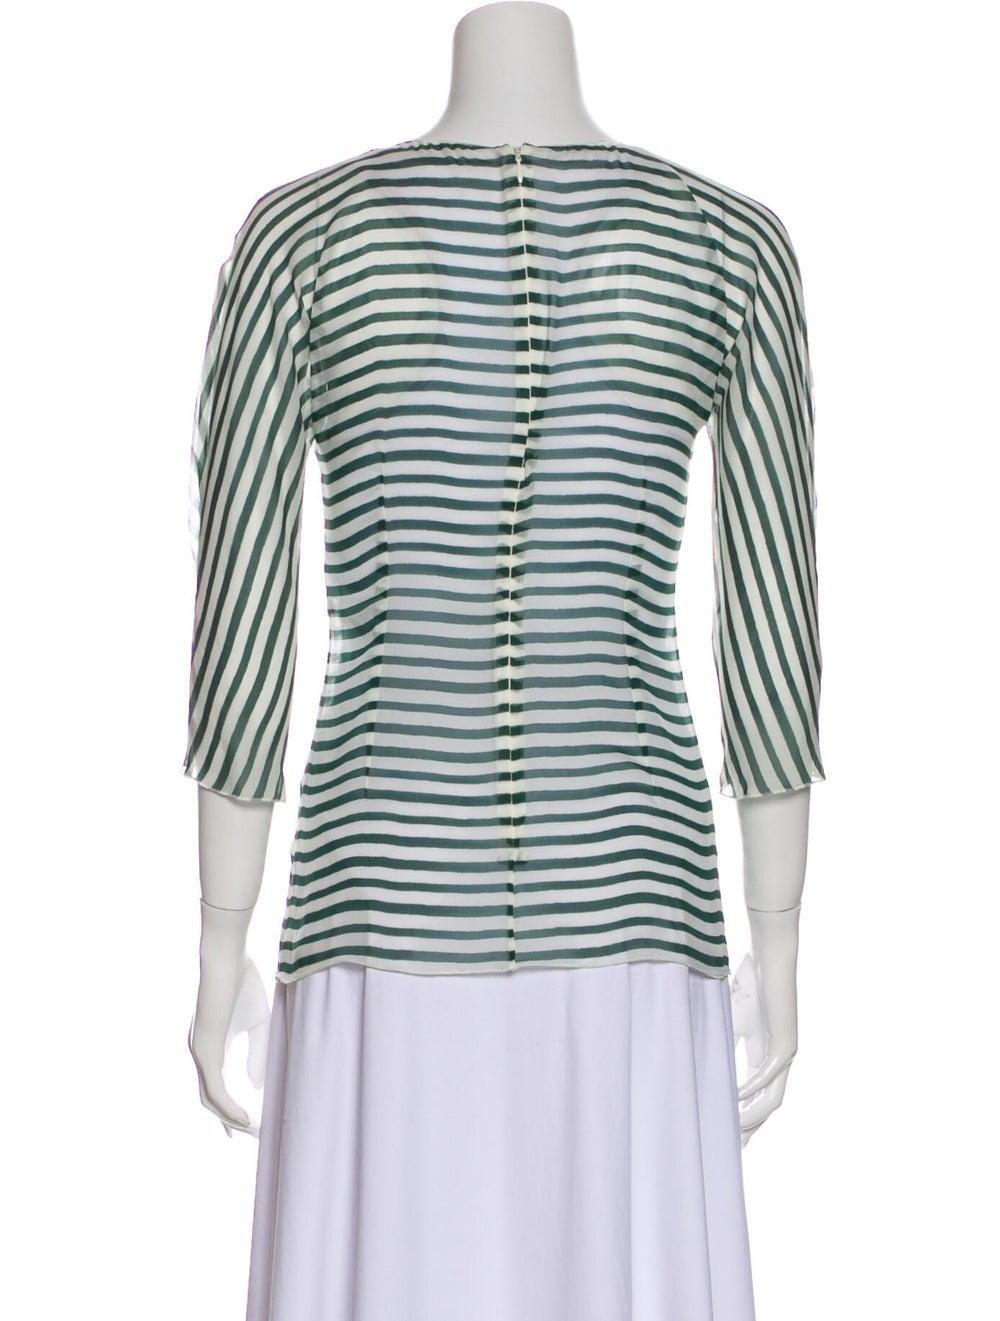 Dolce & Gabbana Silk Striped T-Shirt Green - image 3